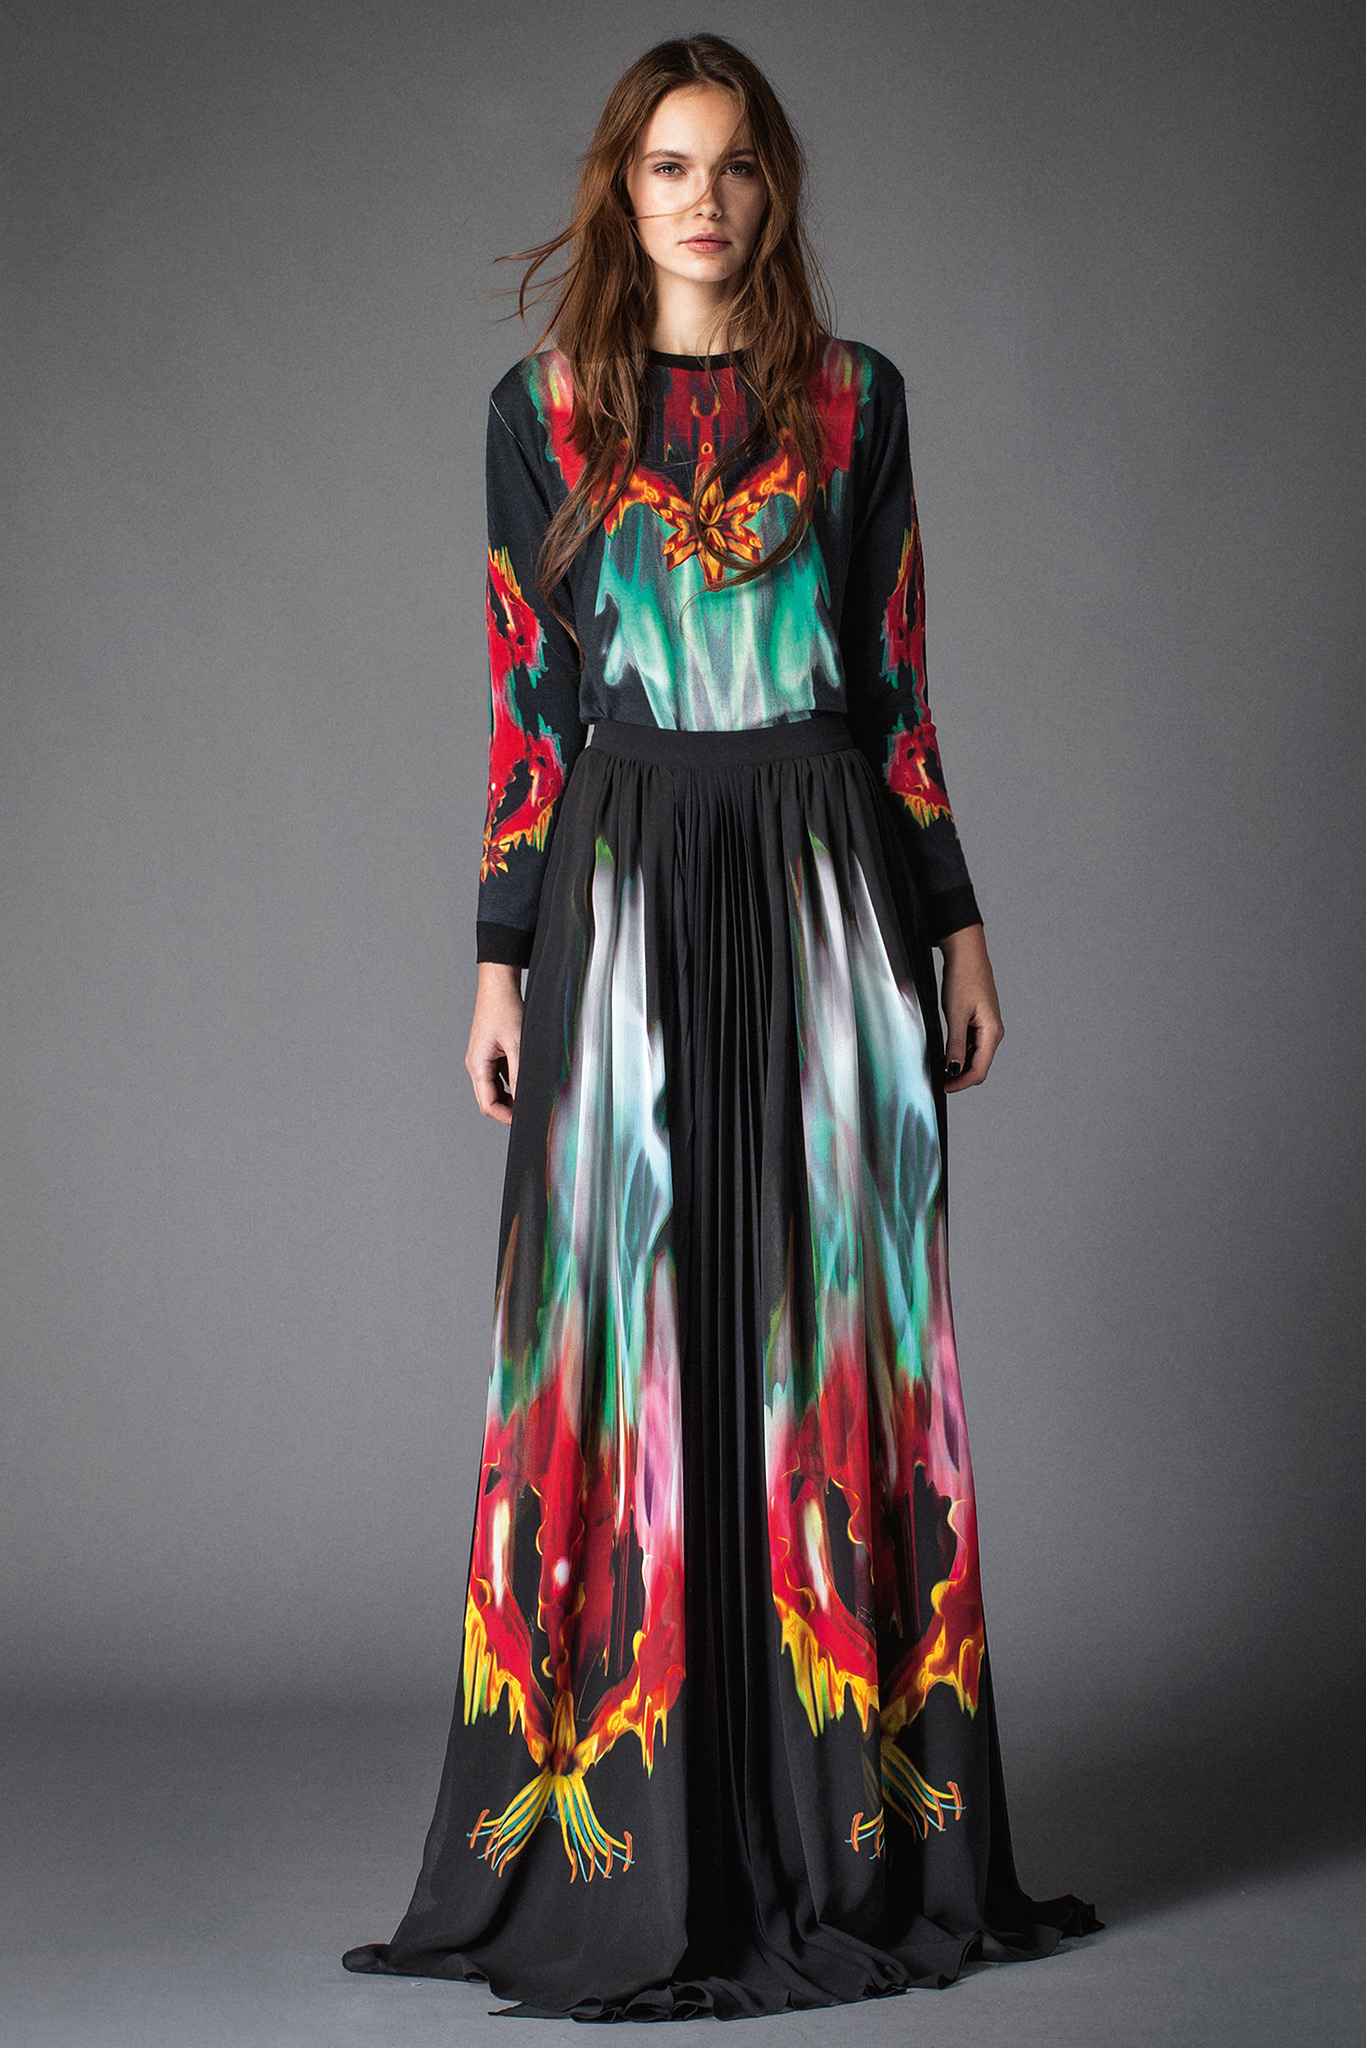 Long-Maxi-Dresses-For-Winter-2015-2016-6.jpg